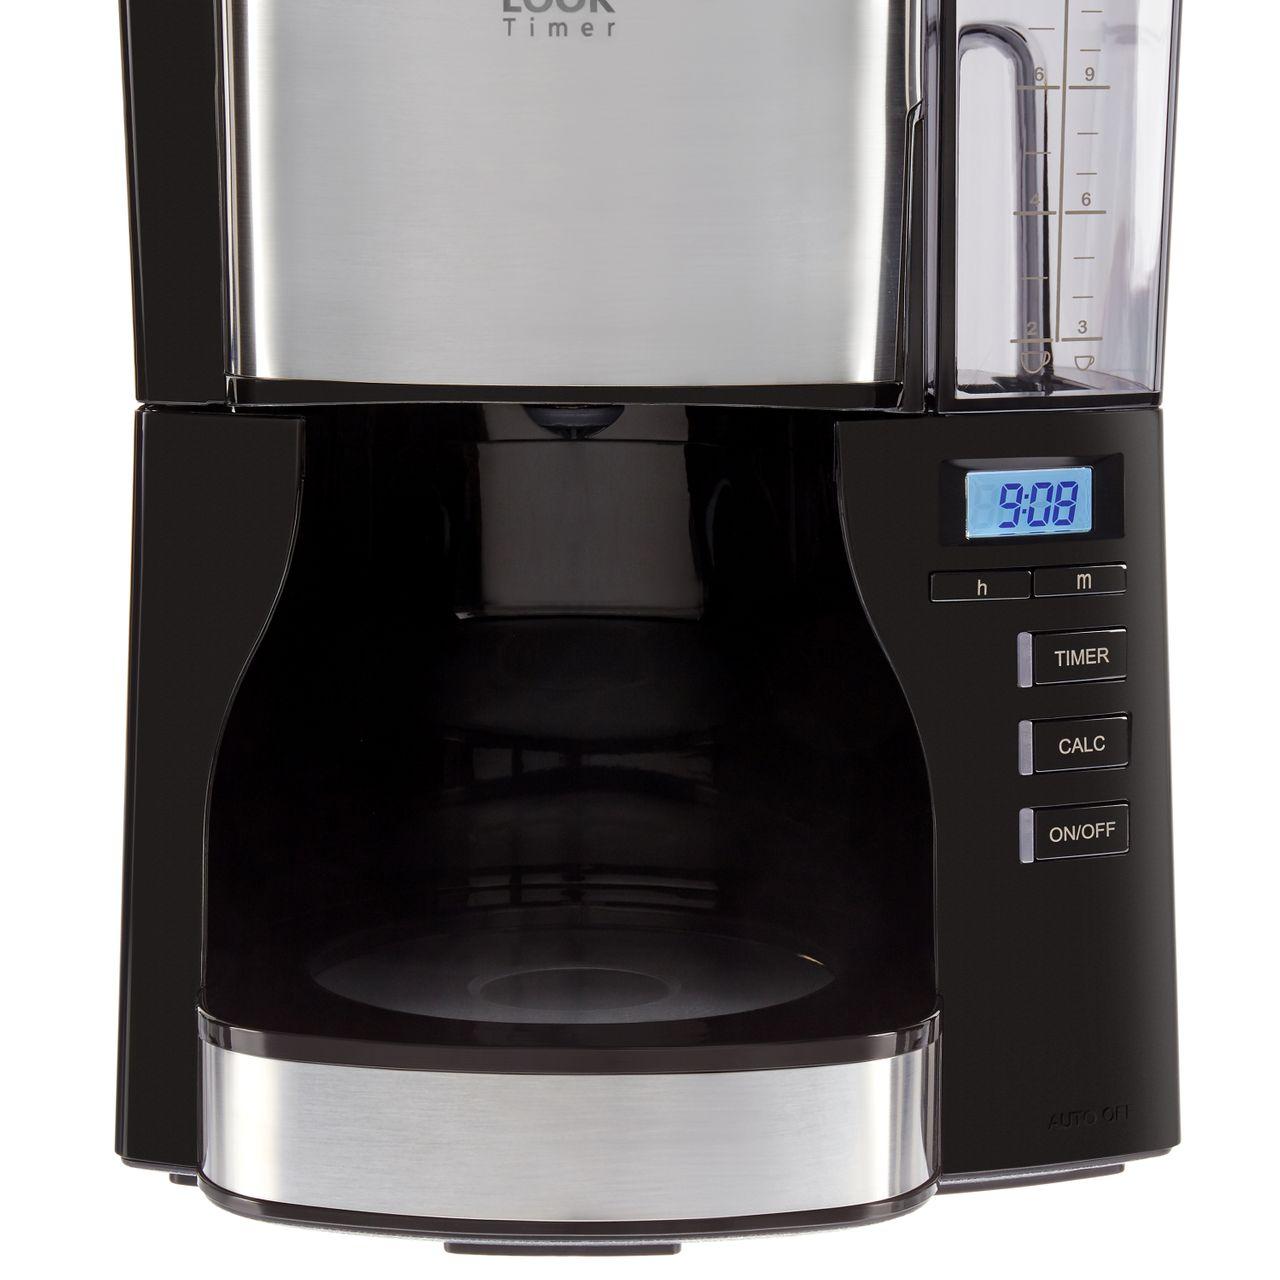 6766591 | Melitta Filter Coffee Machine | ao.com